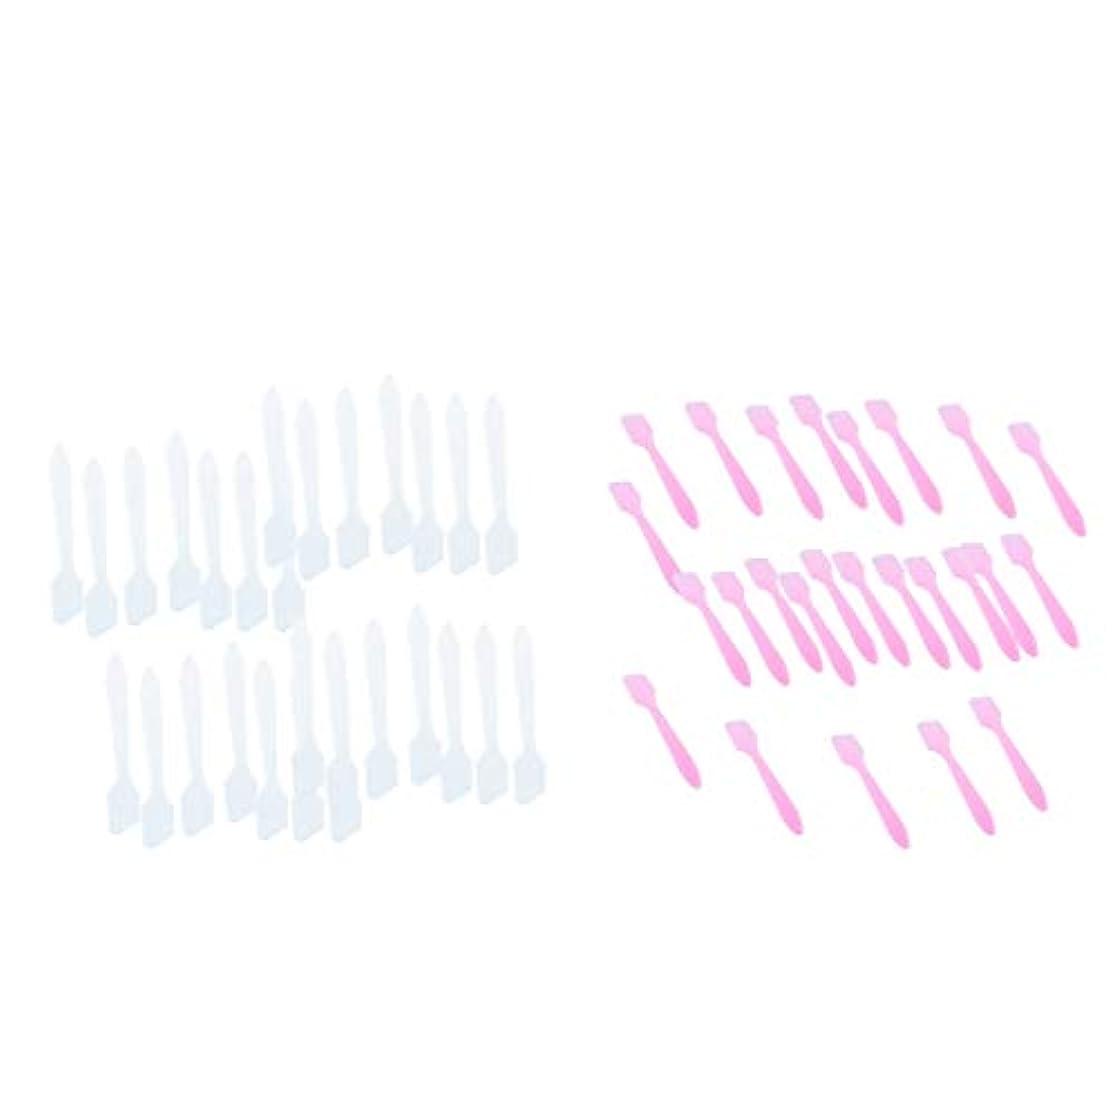 助手知覚する磁石200個セット フェイシャル フェイスマスク混合ツール 化粧品へら 全2選択 - 白+ピンク